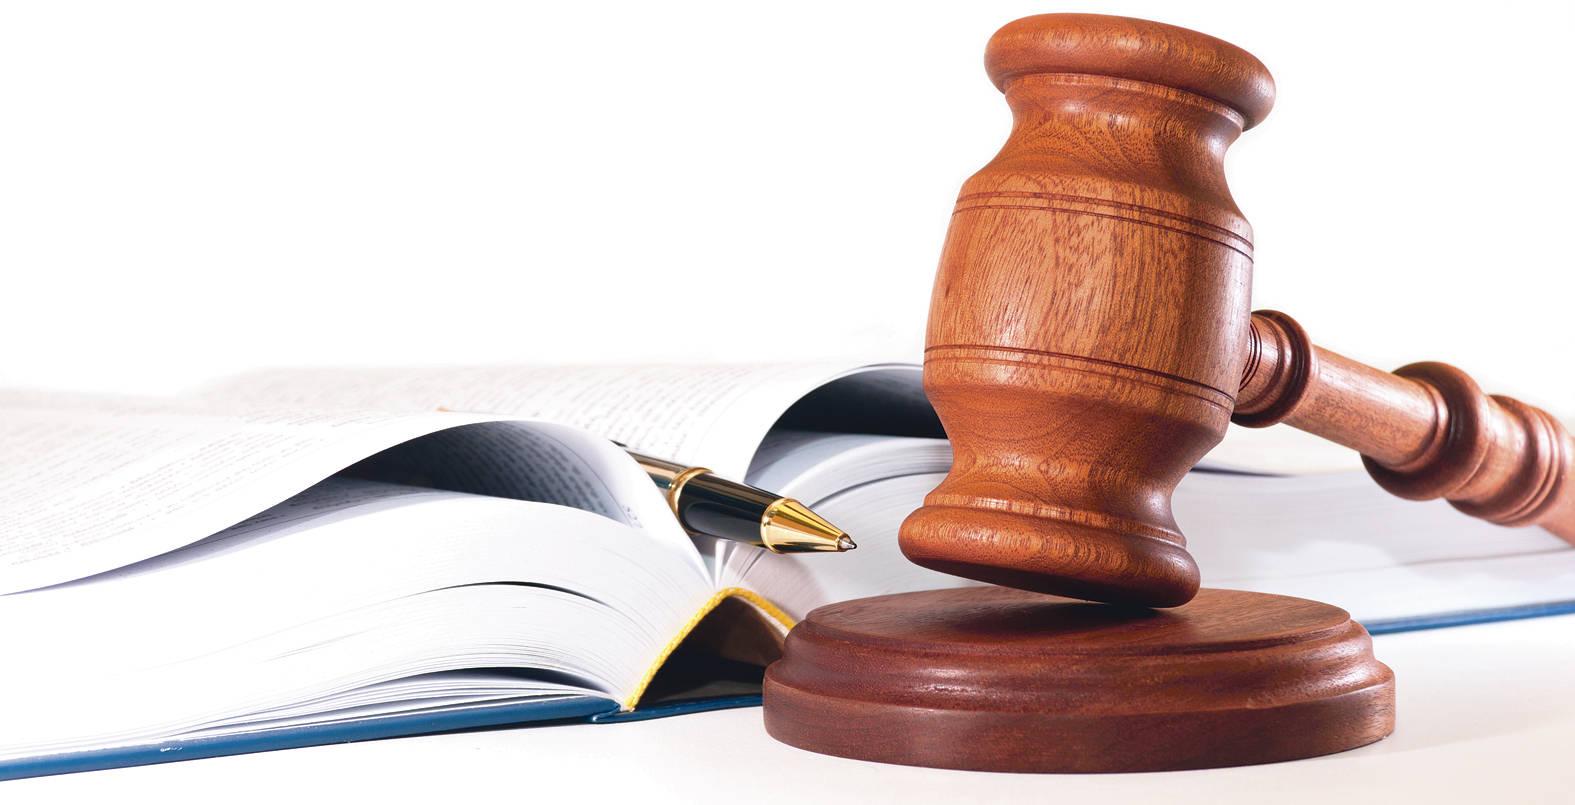 avocat recuperare creante, avocat drept comercial , avocat drept civil